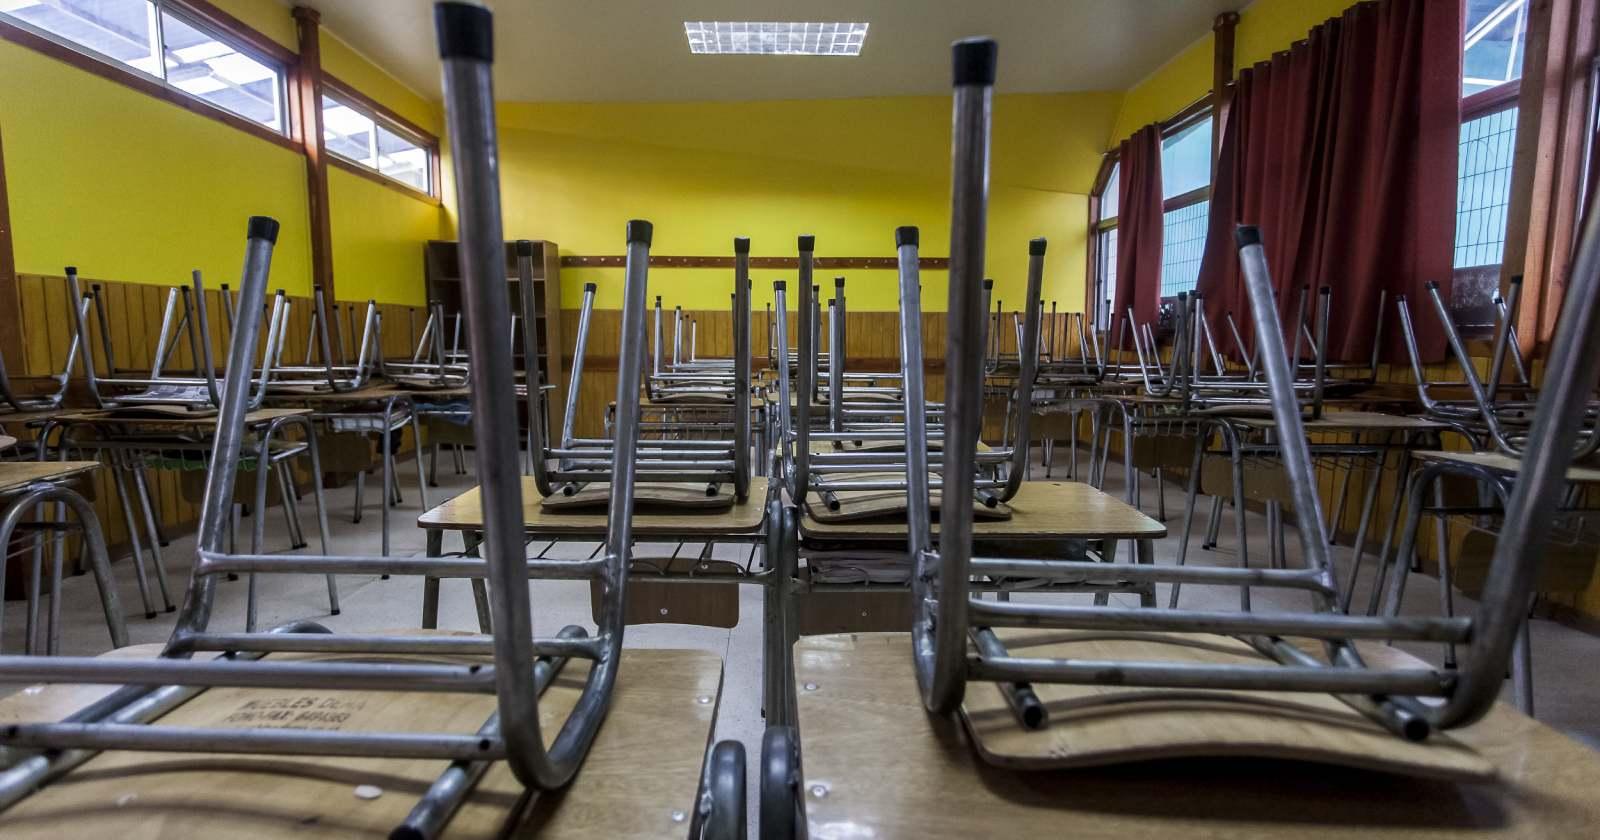 Sociedad Chilena de Pediatría y suspensión de clases: